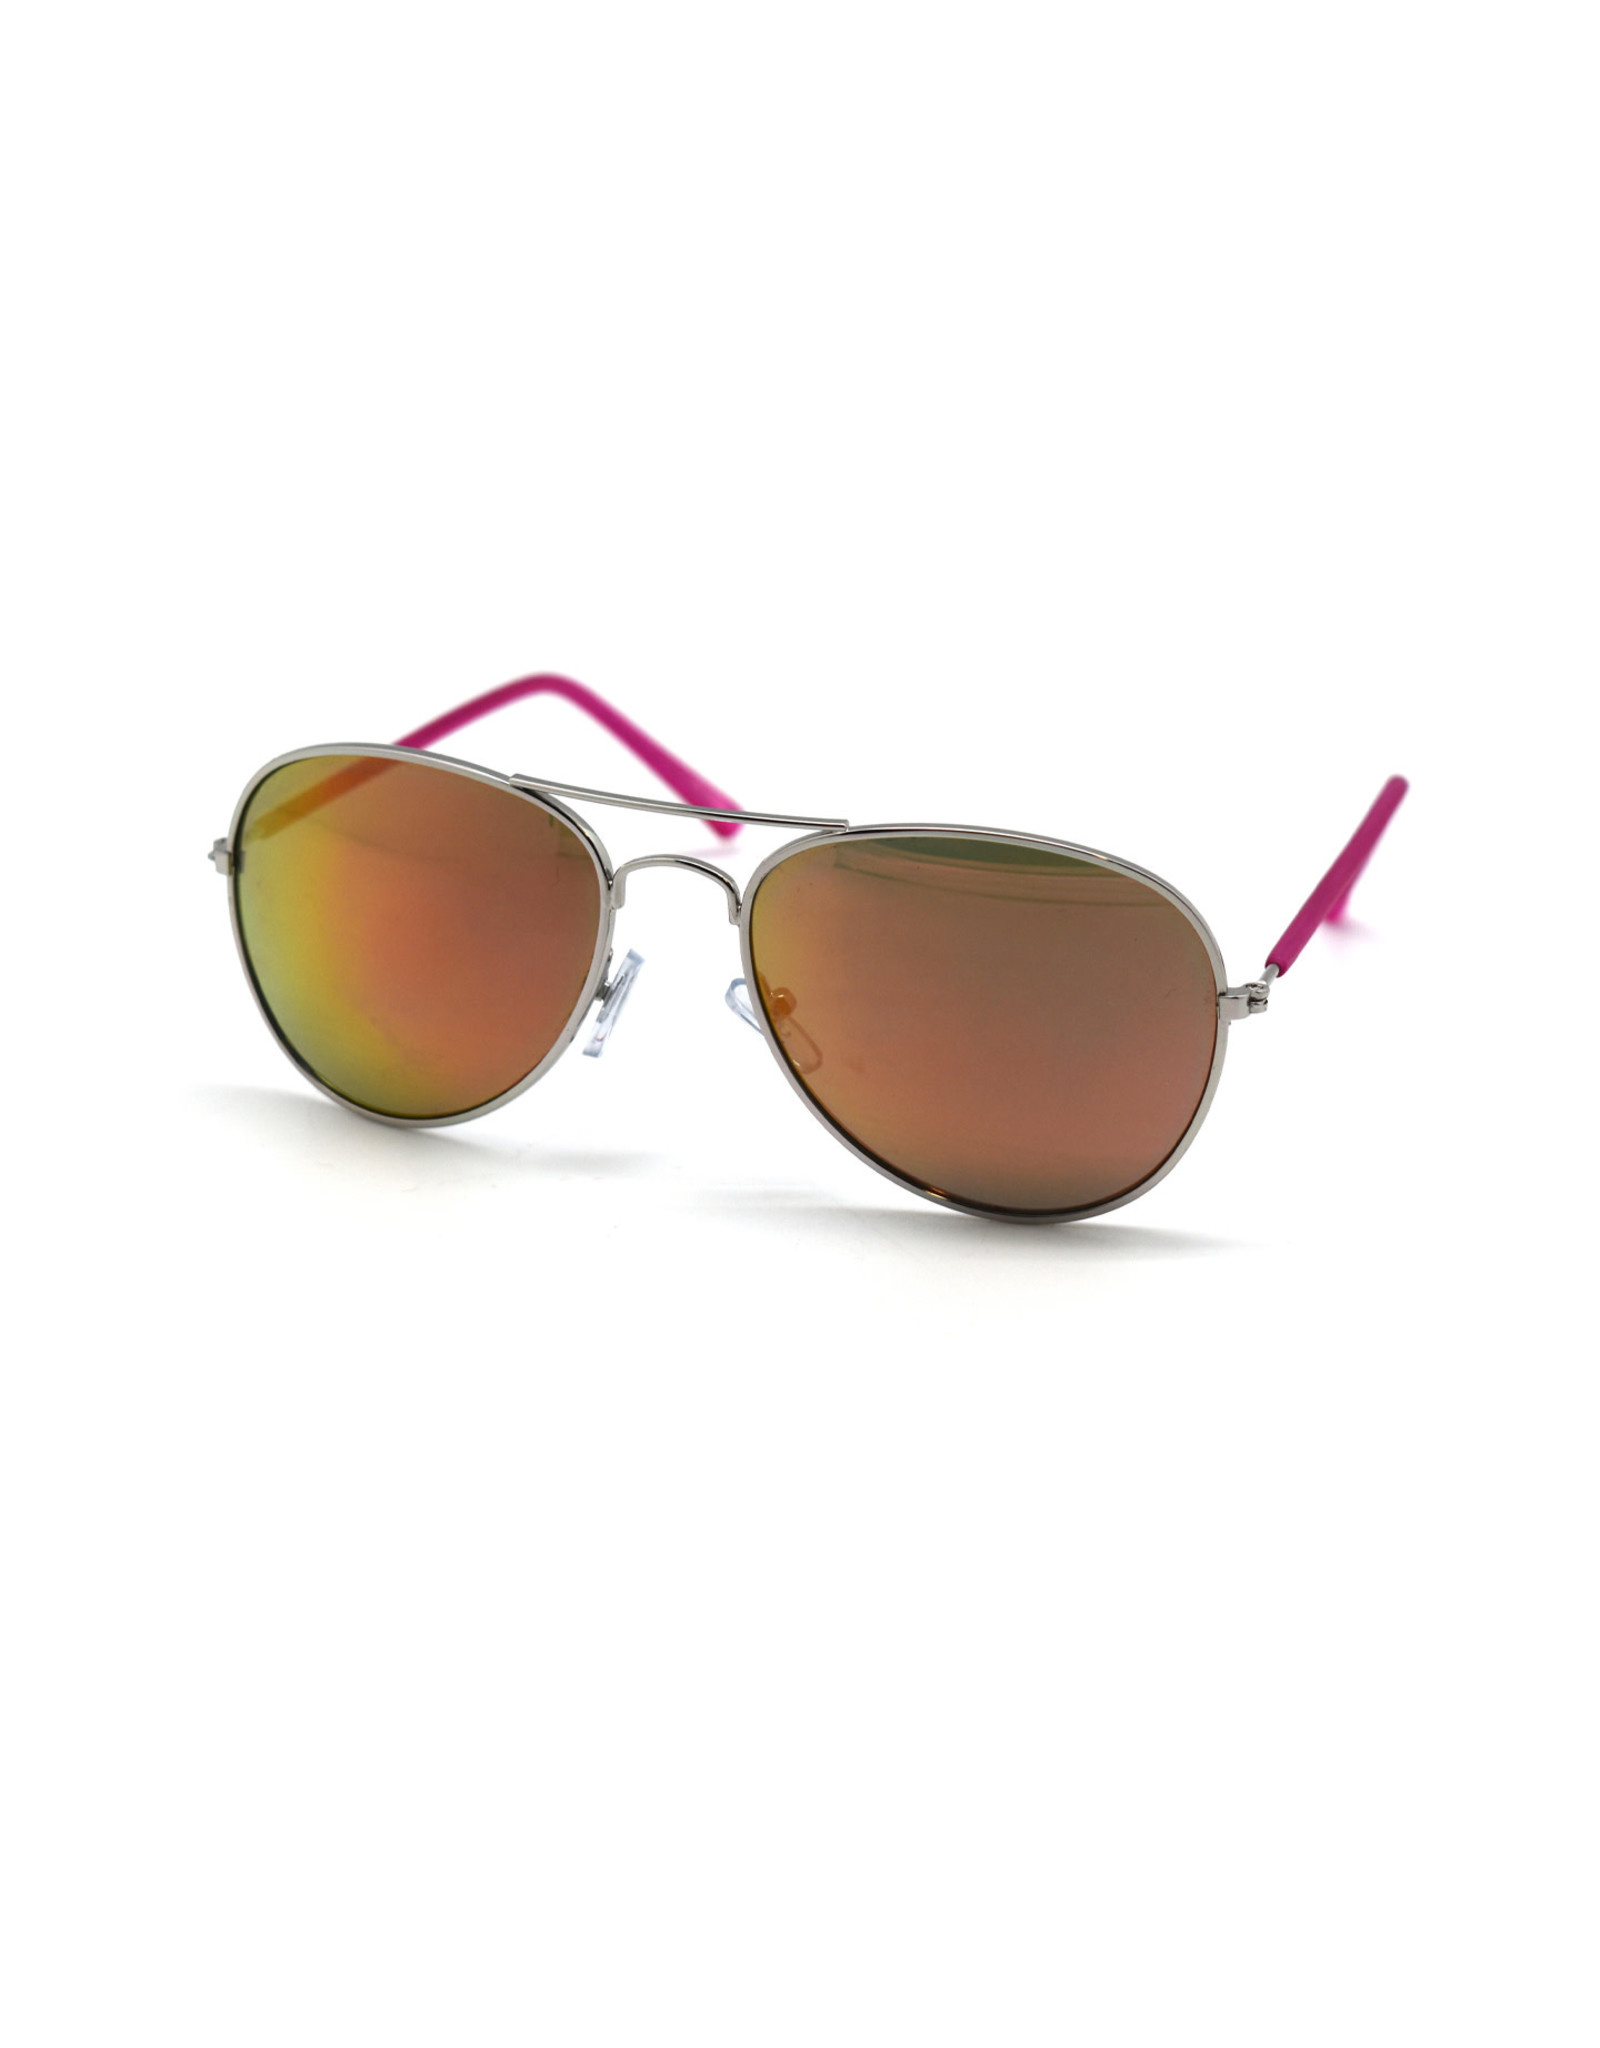 Glam Sunglasses